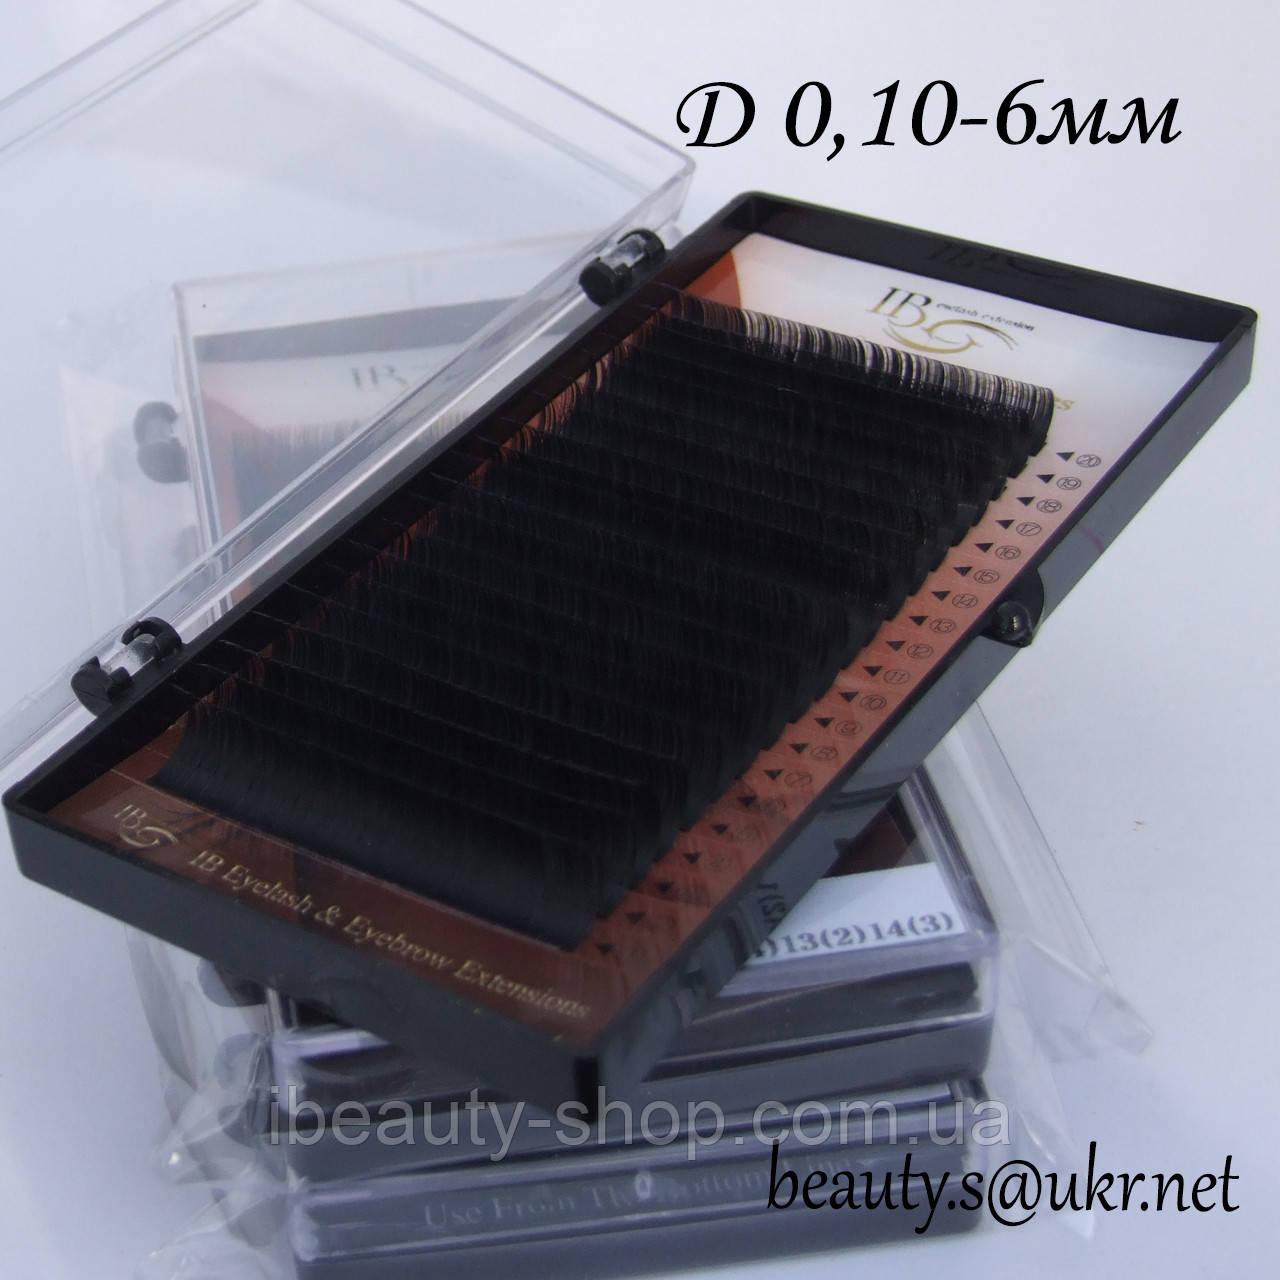 Ресницы  I-Beauty на ленте D-0,10 6мм